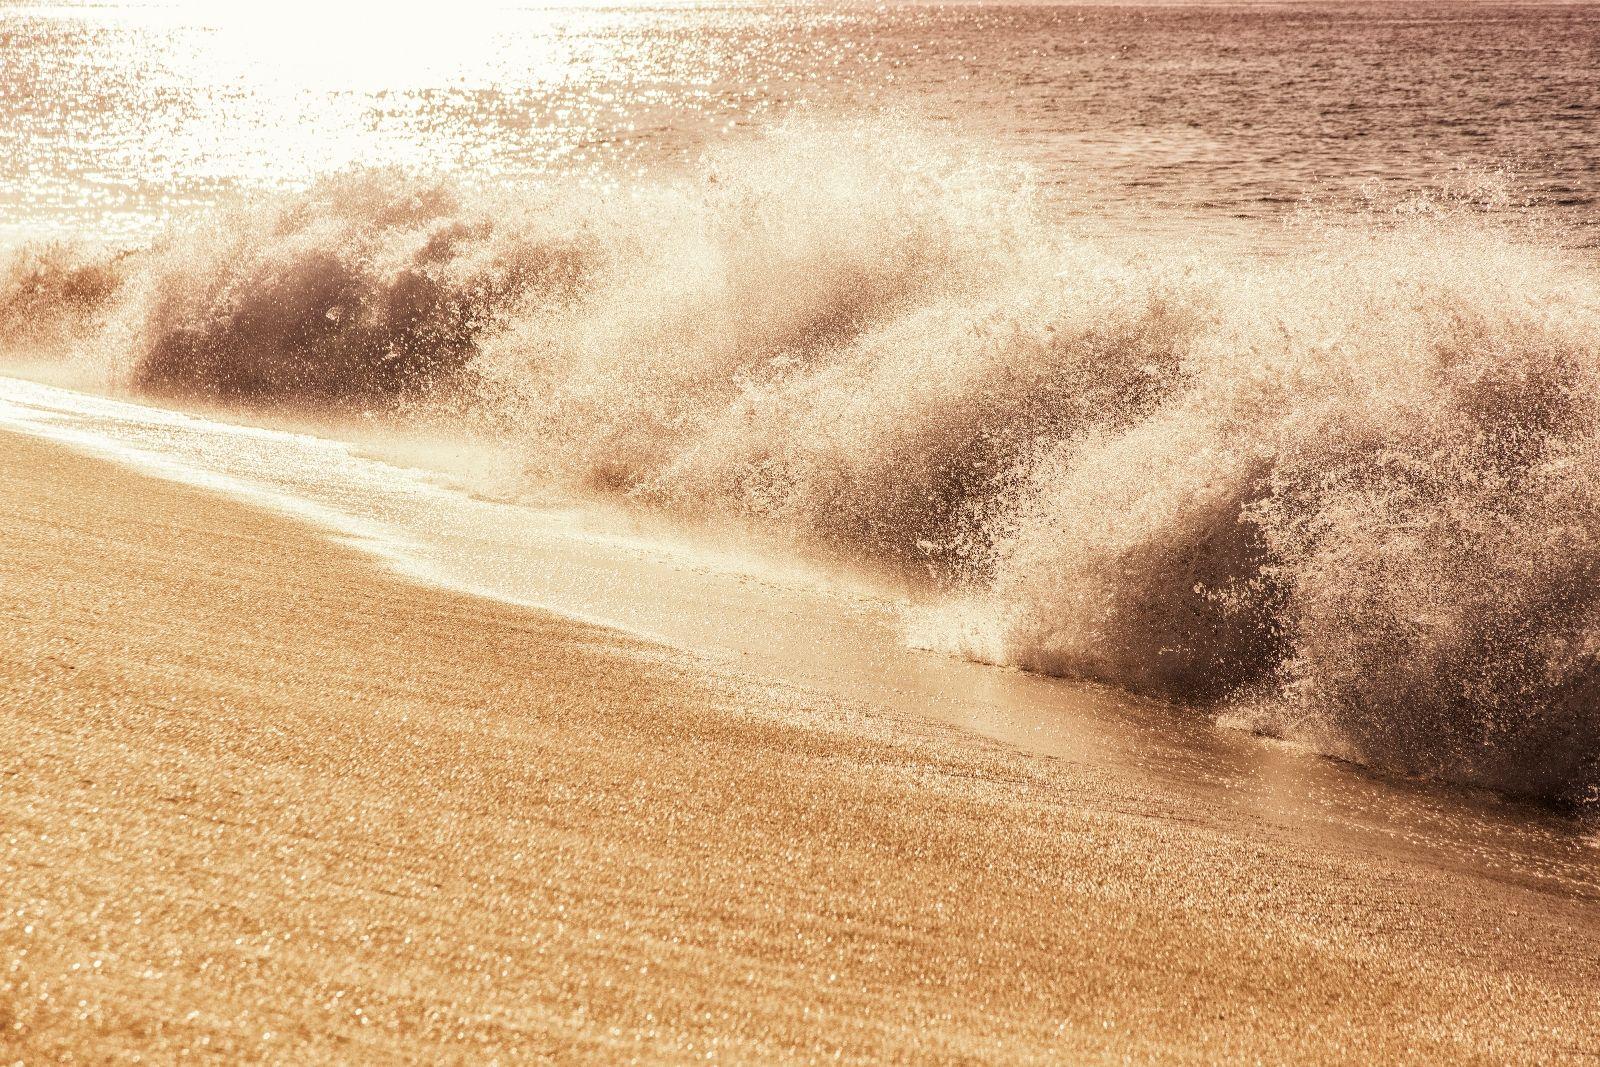 waves crash on a beach